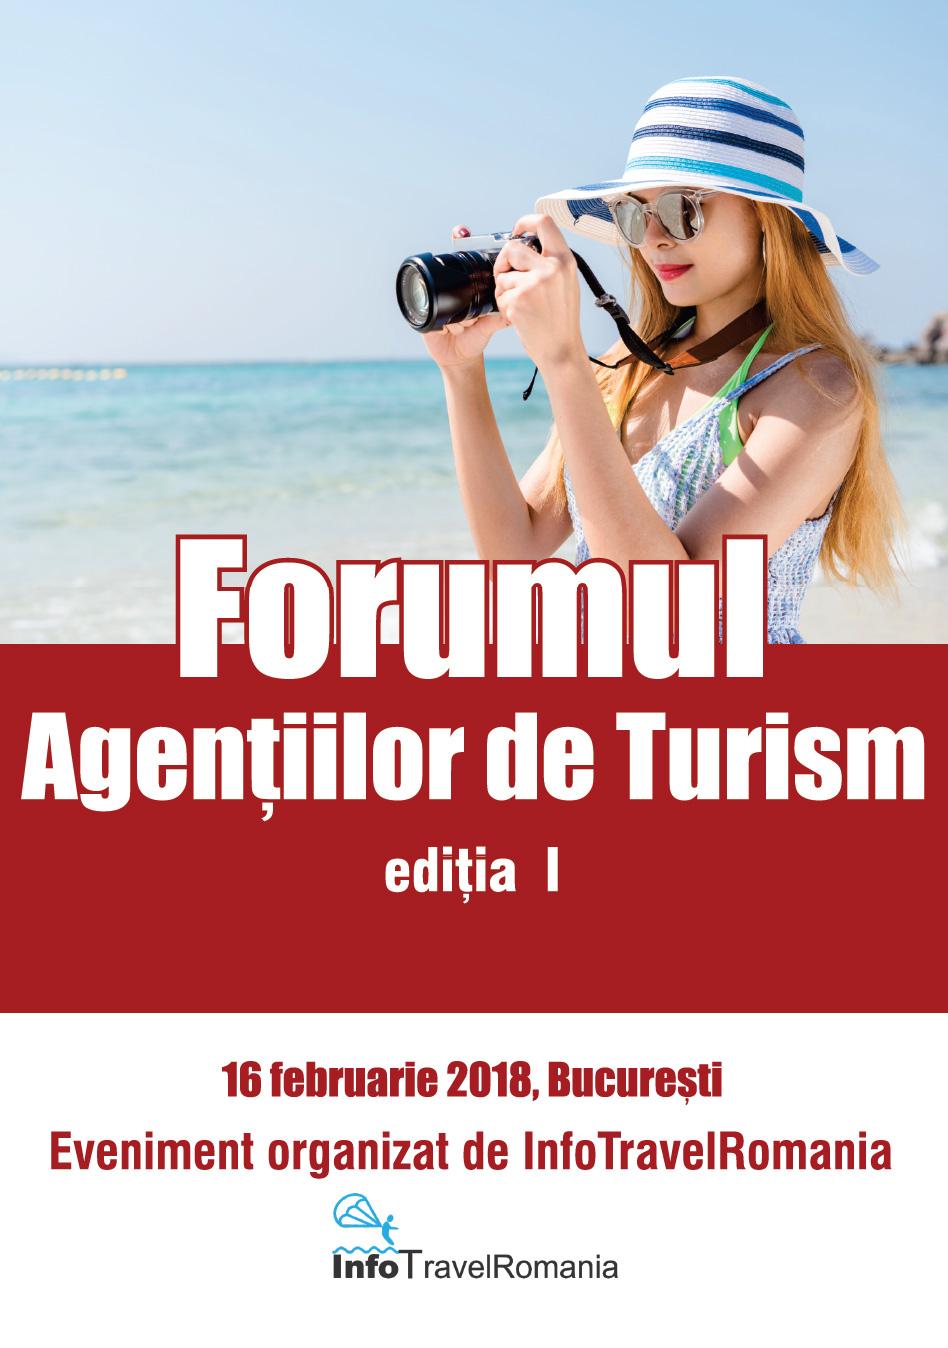 Forumul Agentiilor de Turism, editia I